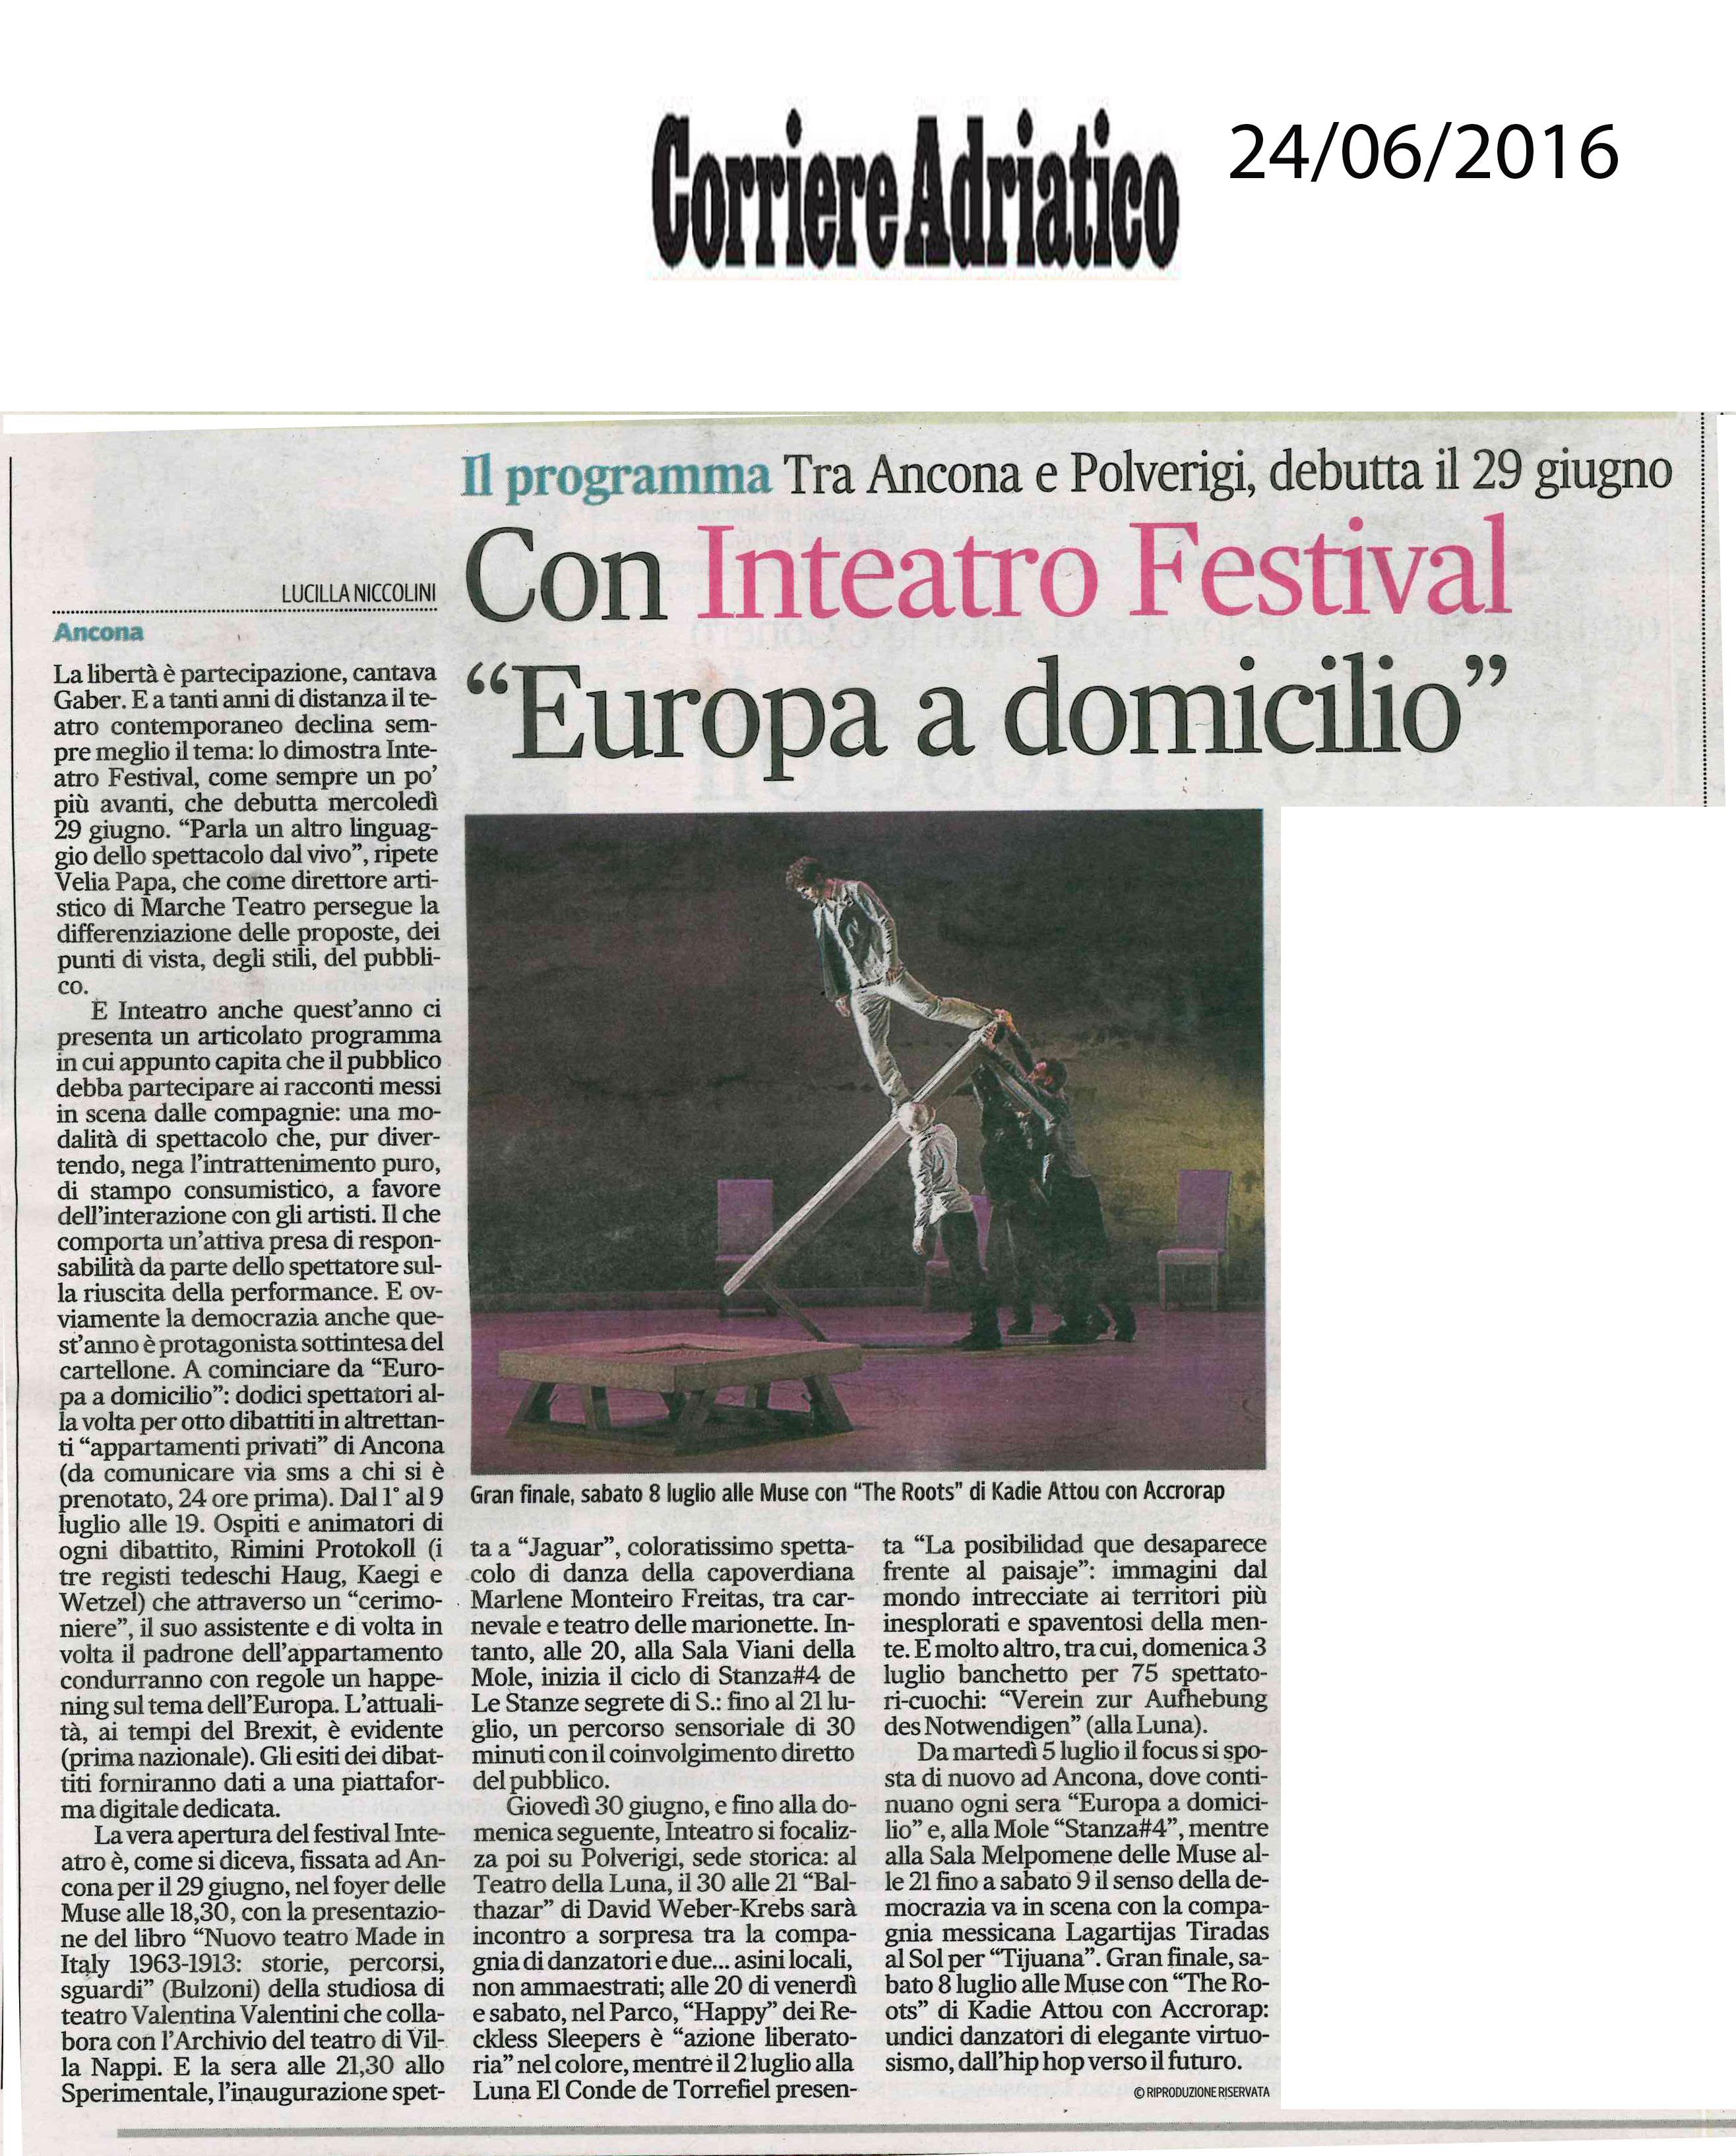 2016_06_24_-con-inteatro-festival-europa-a-domicilio_corriere-adriatico